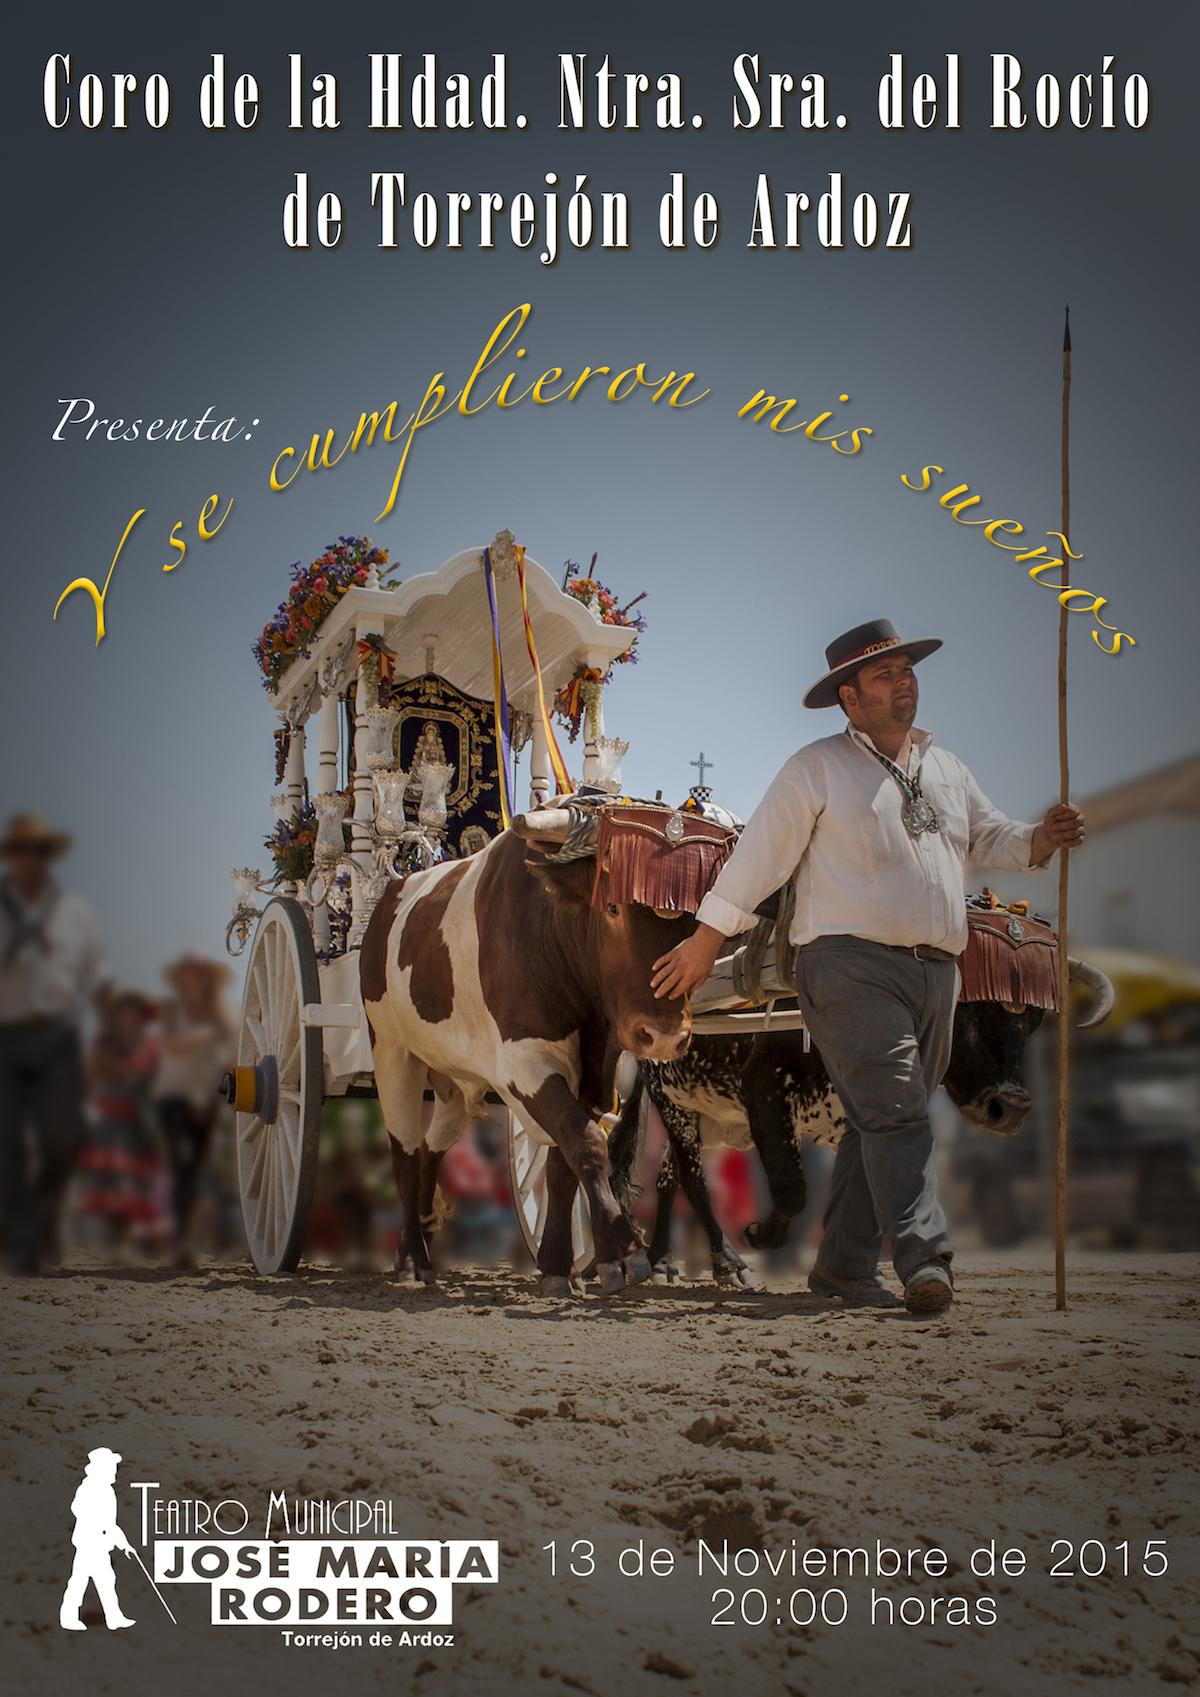 Torrejon de Ardoz cartel coro